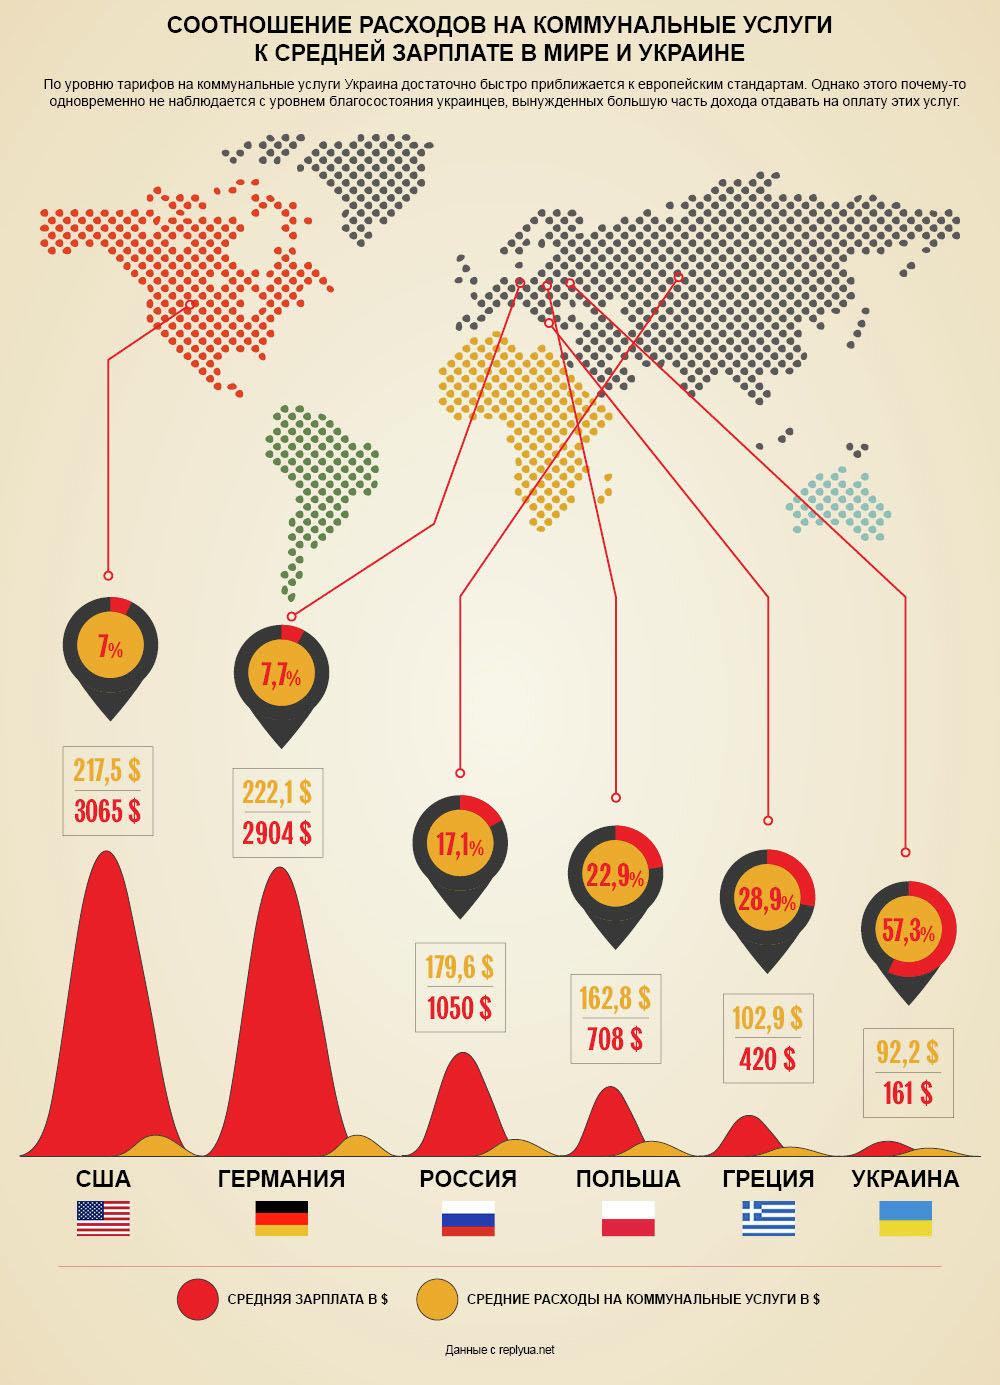 Инфографика. Соотношение расходов на коммунальные услуги к средней зарплате в мире и Украине